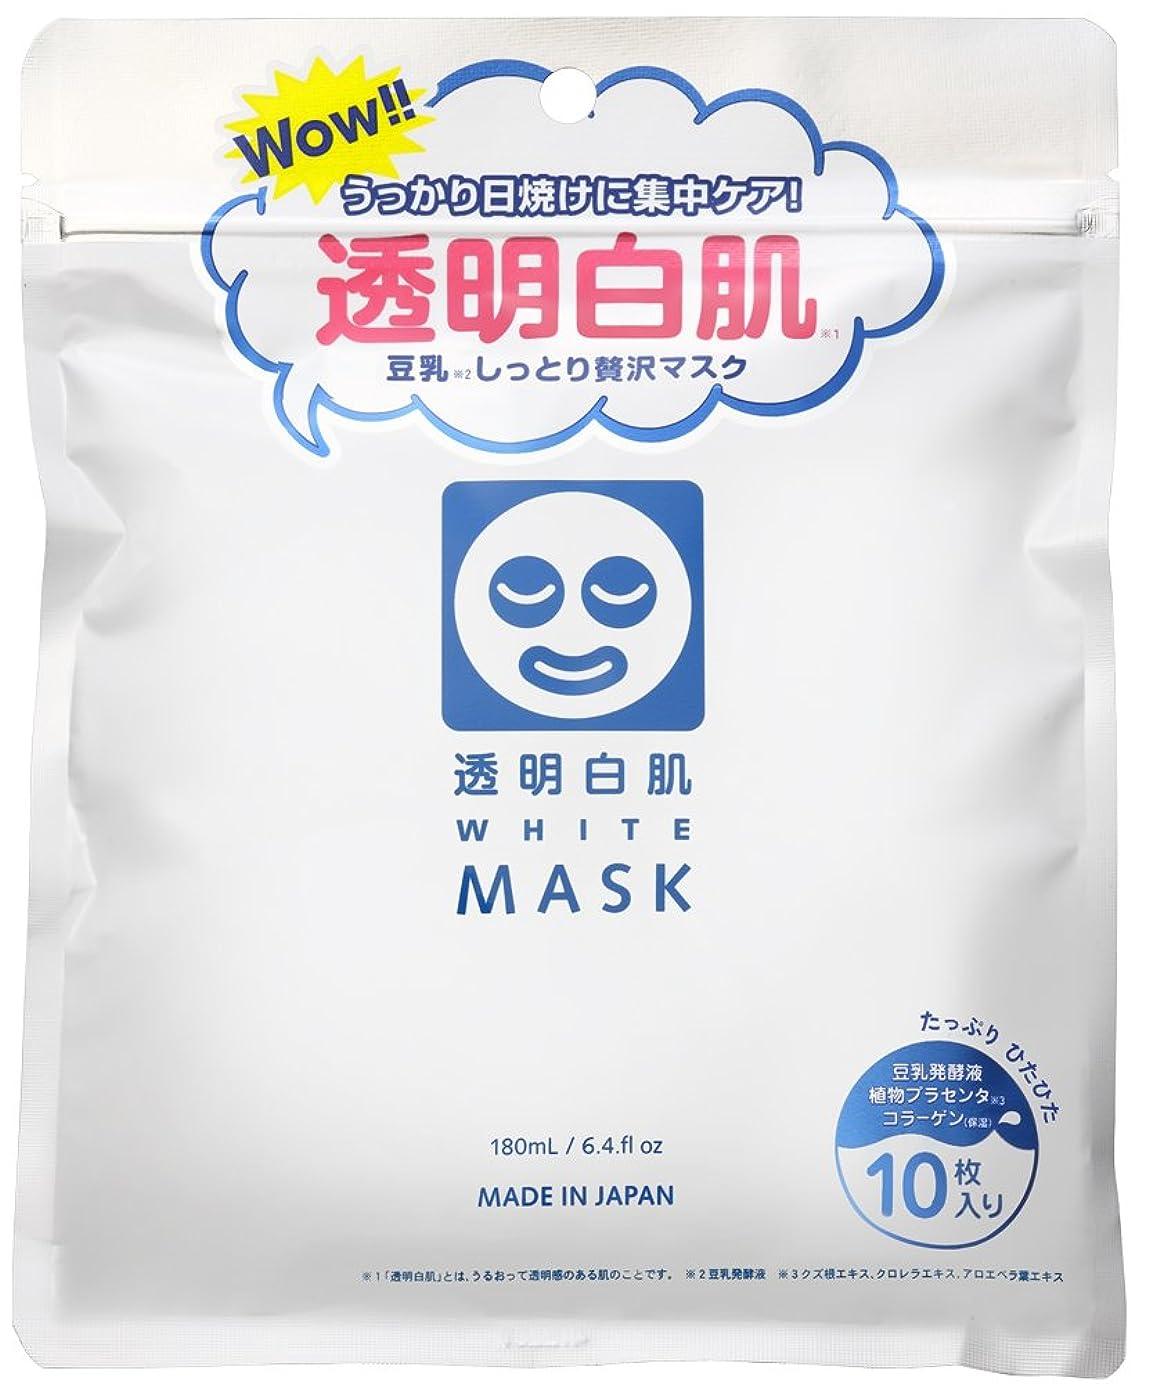 同行アマチュアストレージ透明白肌 ホワイトマスクN 10枚入